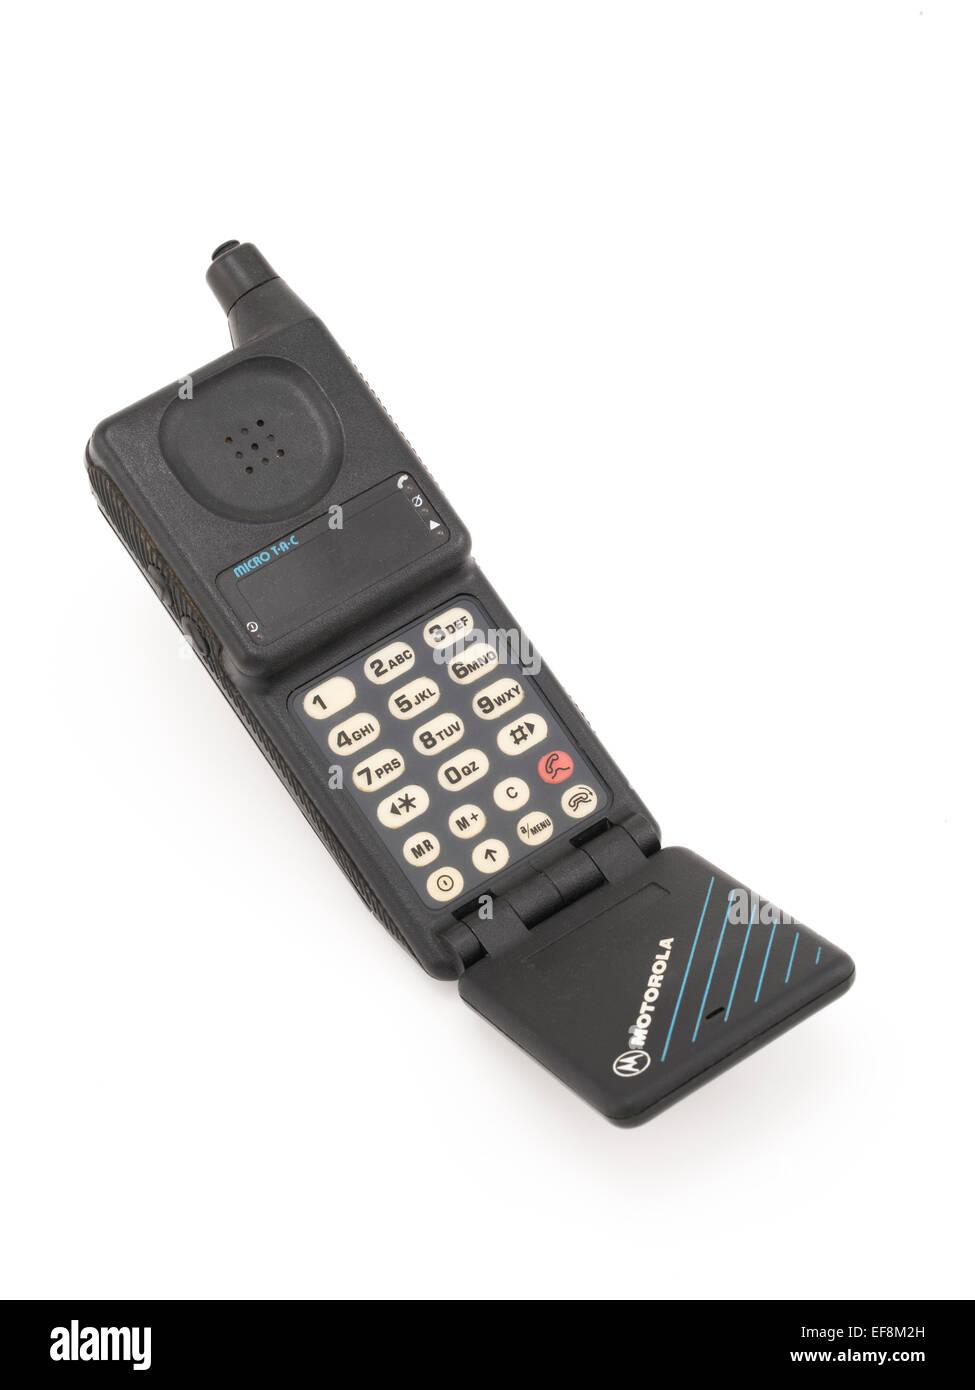 Poche Motorola MicroTAC 9800X téléphone cellulaire. 1989 analogique design flip téléphone. Photo Stock